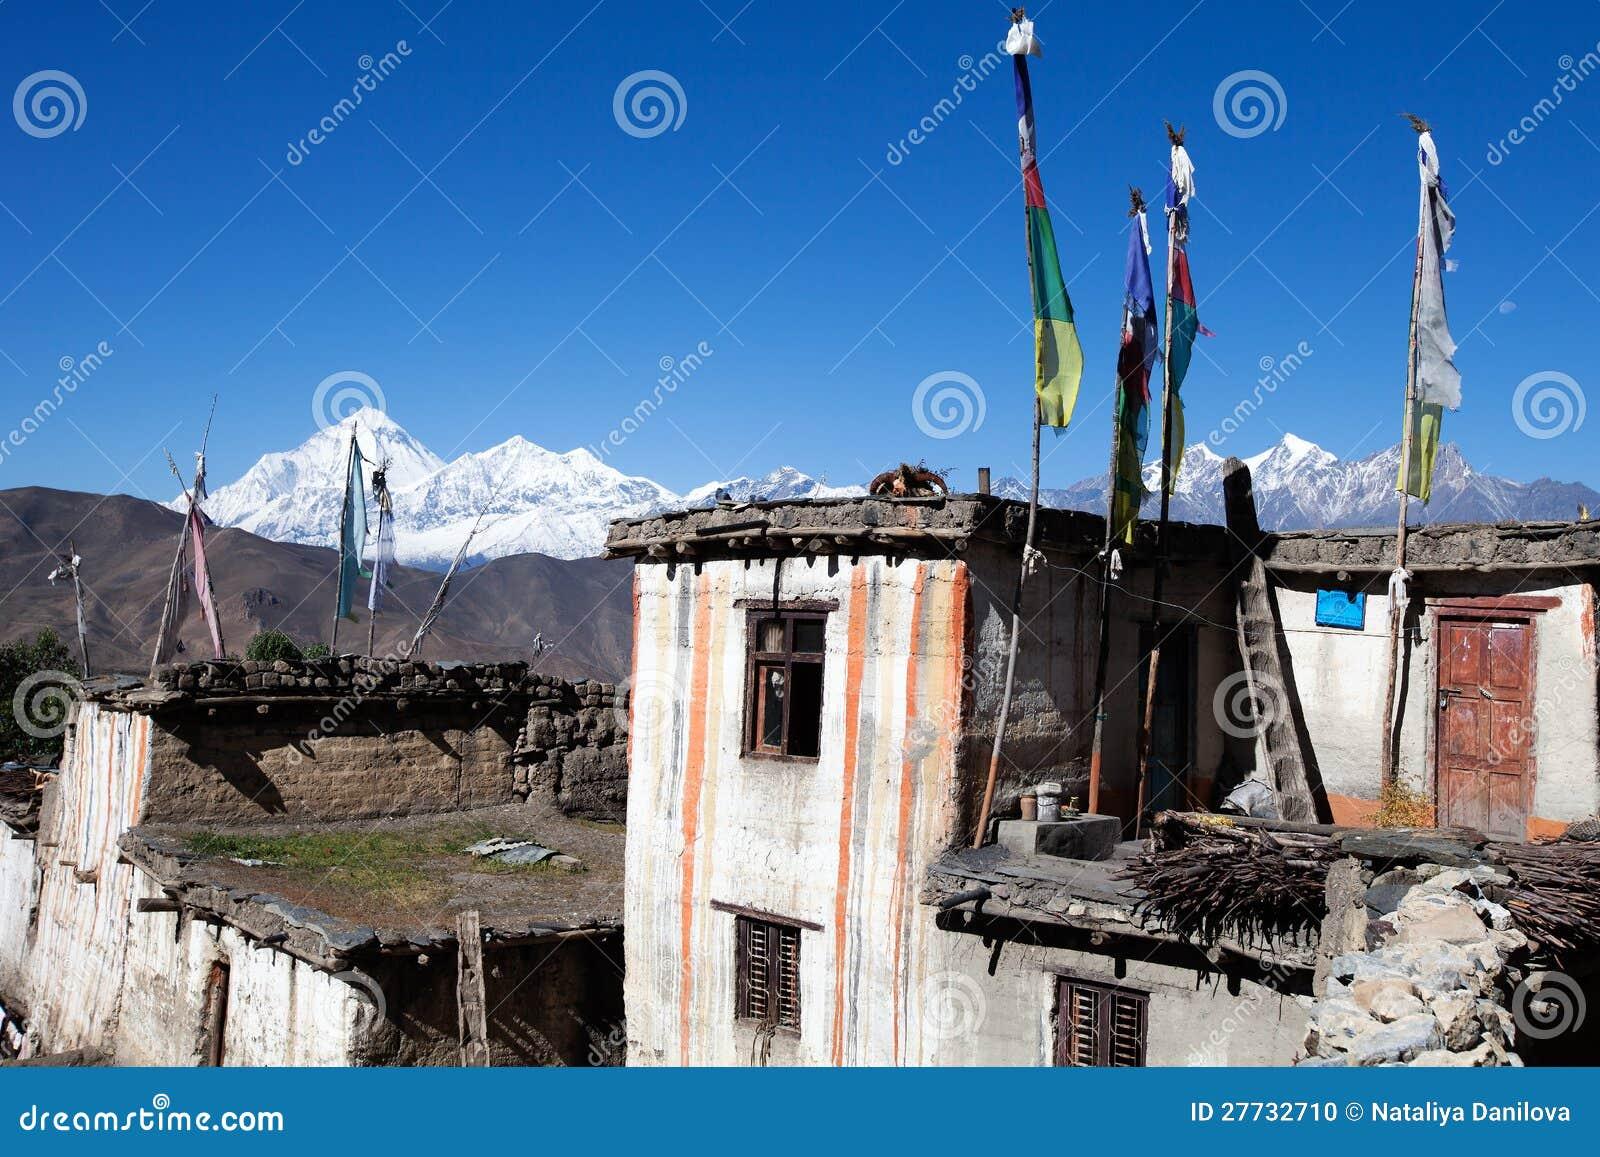 Tibetian Haus- und Schneeberge